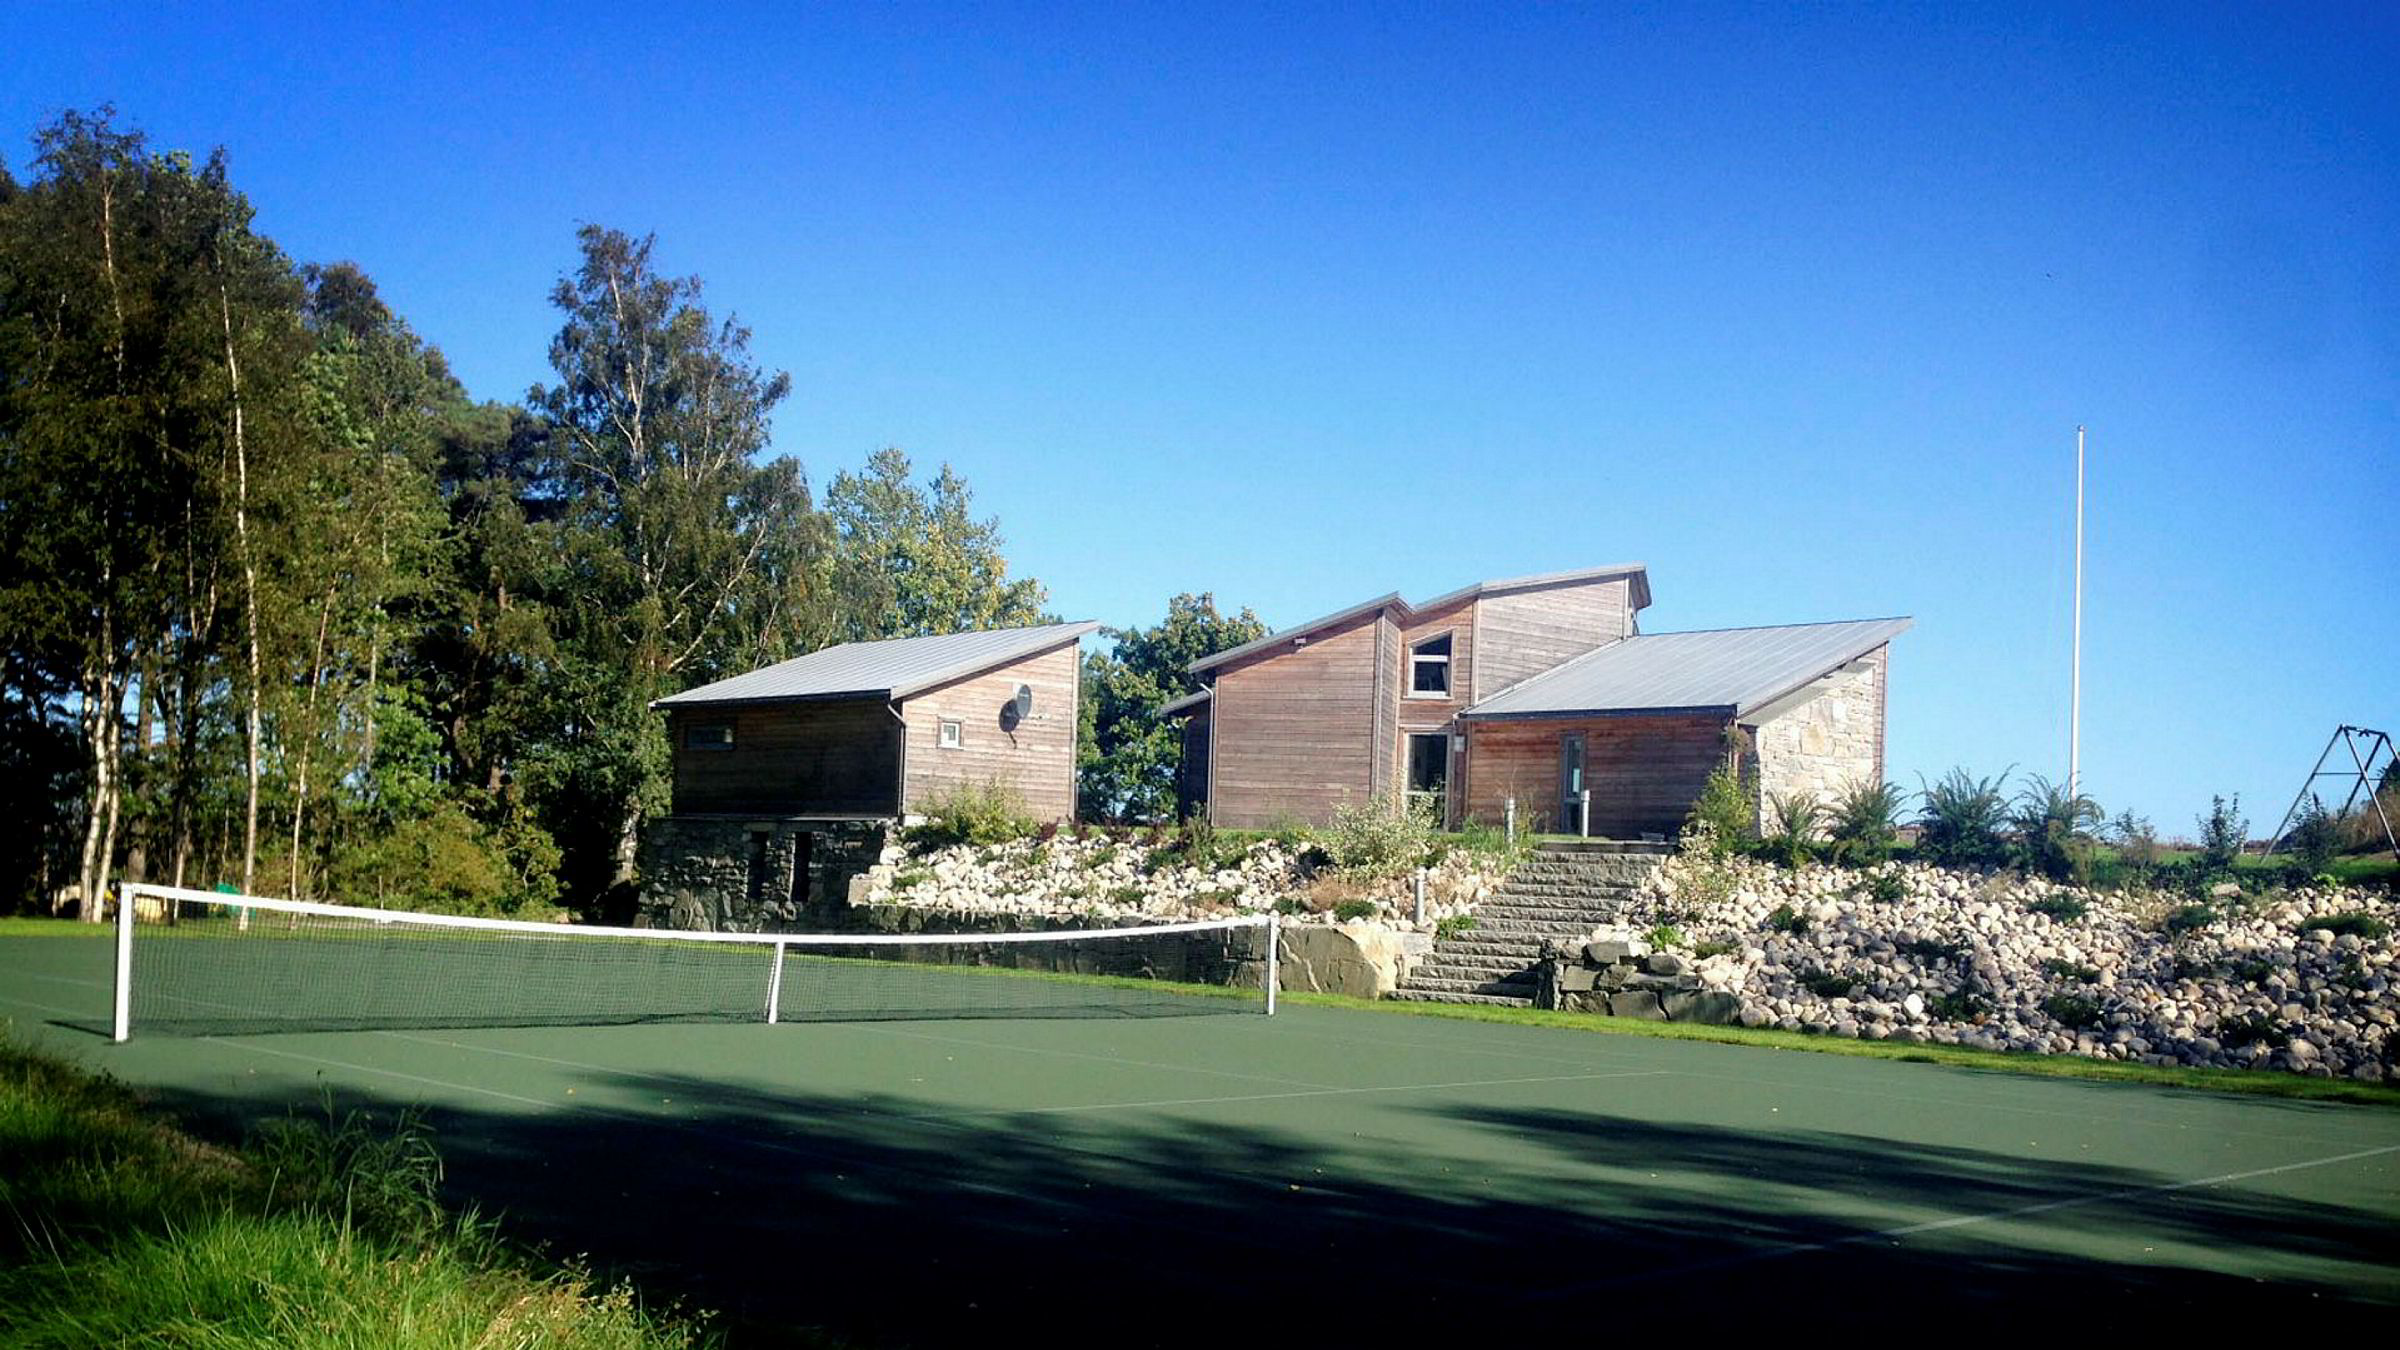 Eieren av dette landstedet søkte aldri om å anlegge tennisbane i strandsonen ved Grimstad. Dessuten ble det operert med to vidt forskjellige tegninger da hytta ble bygget ut; en gikk til kommunen – en annen til byggmesteren.